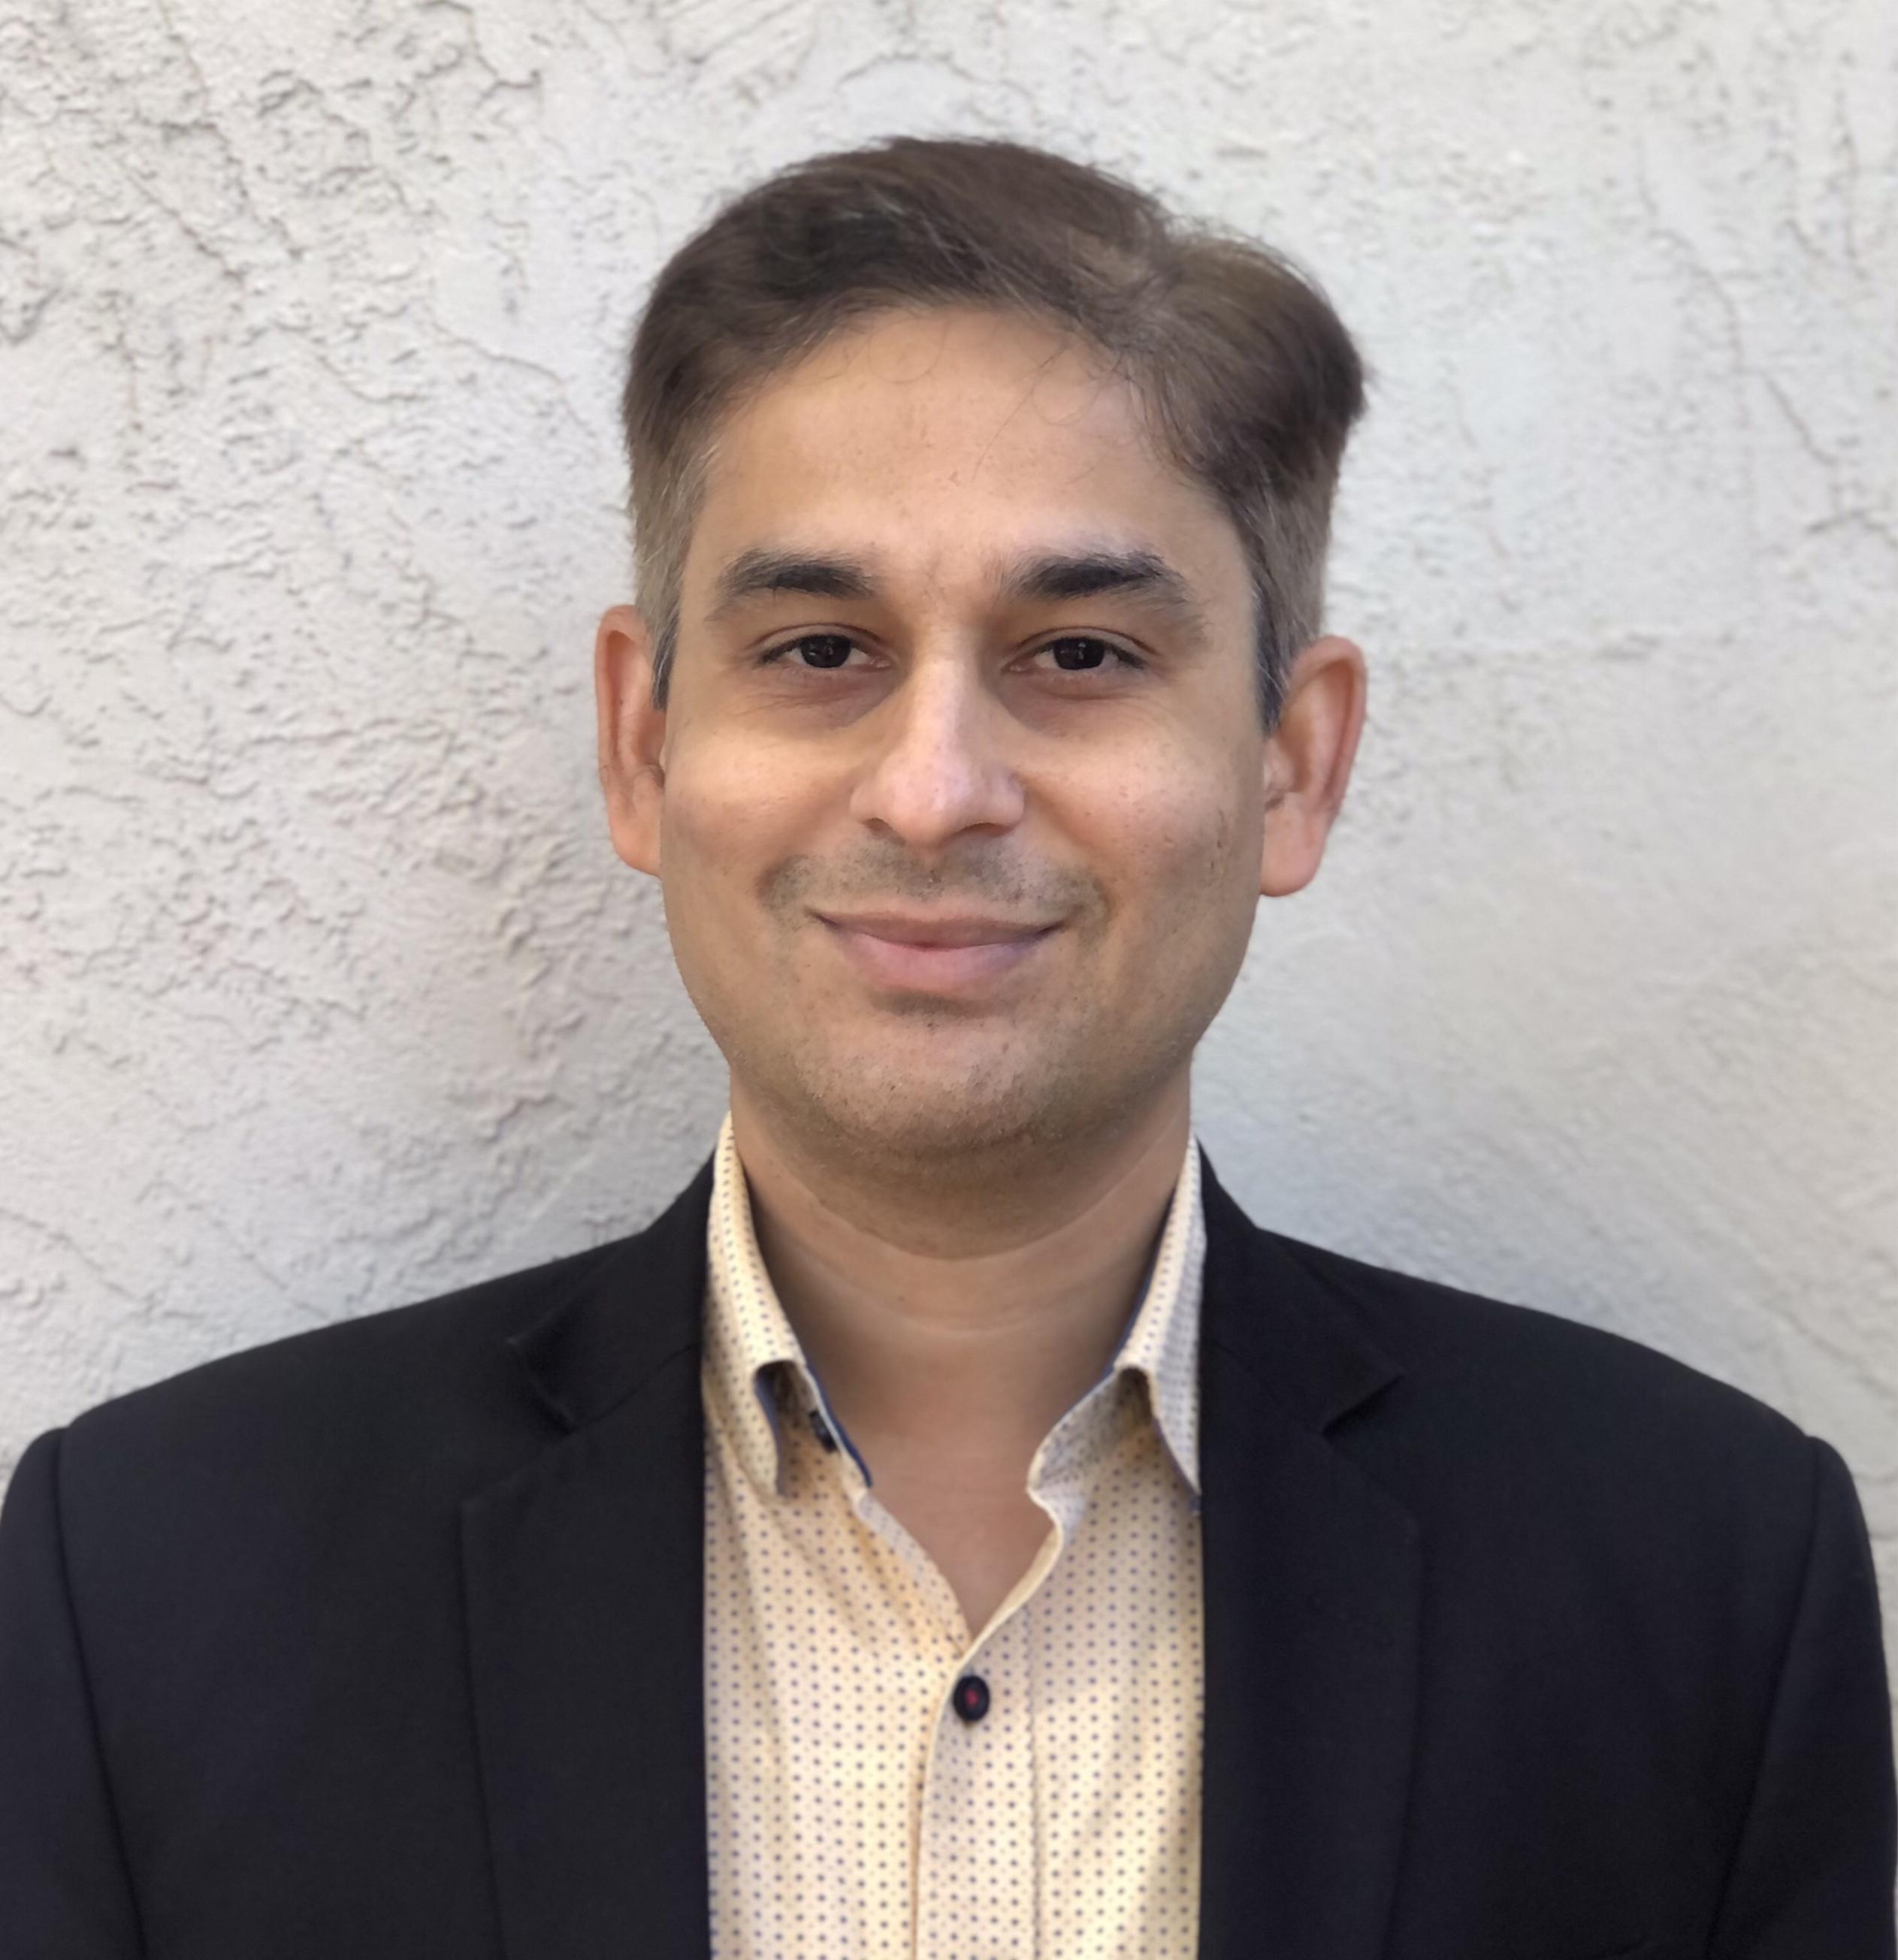 Dr. Zain Saiyed